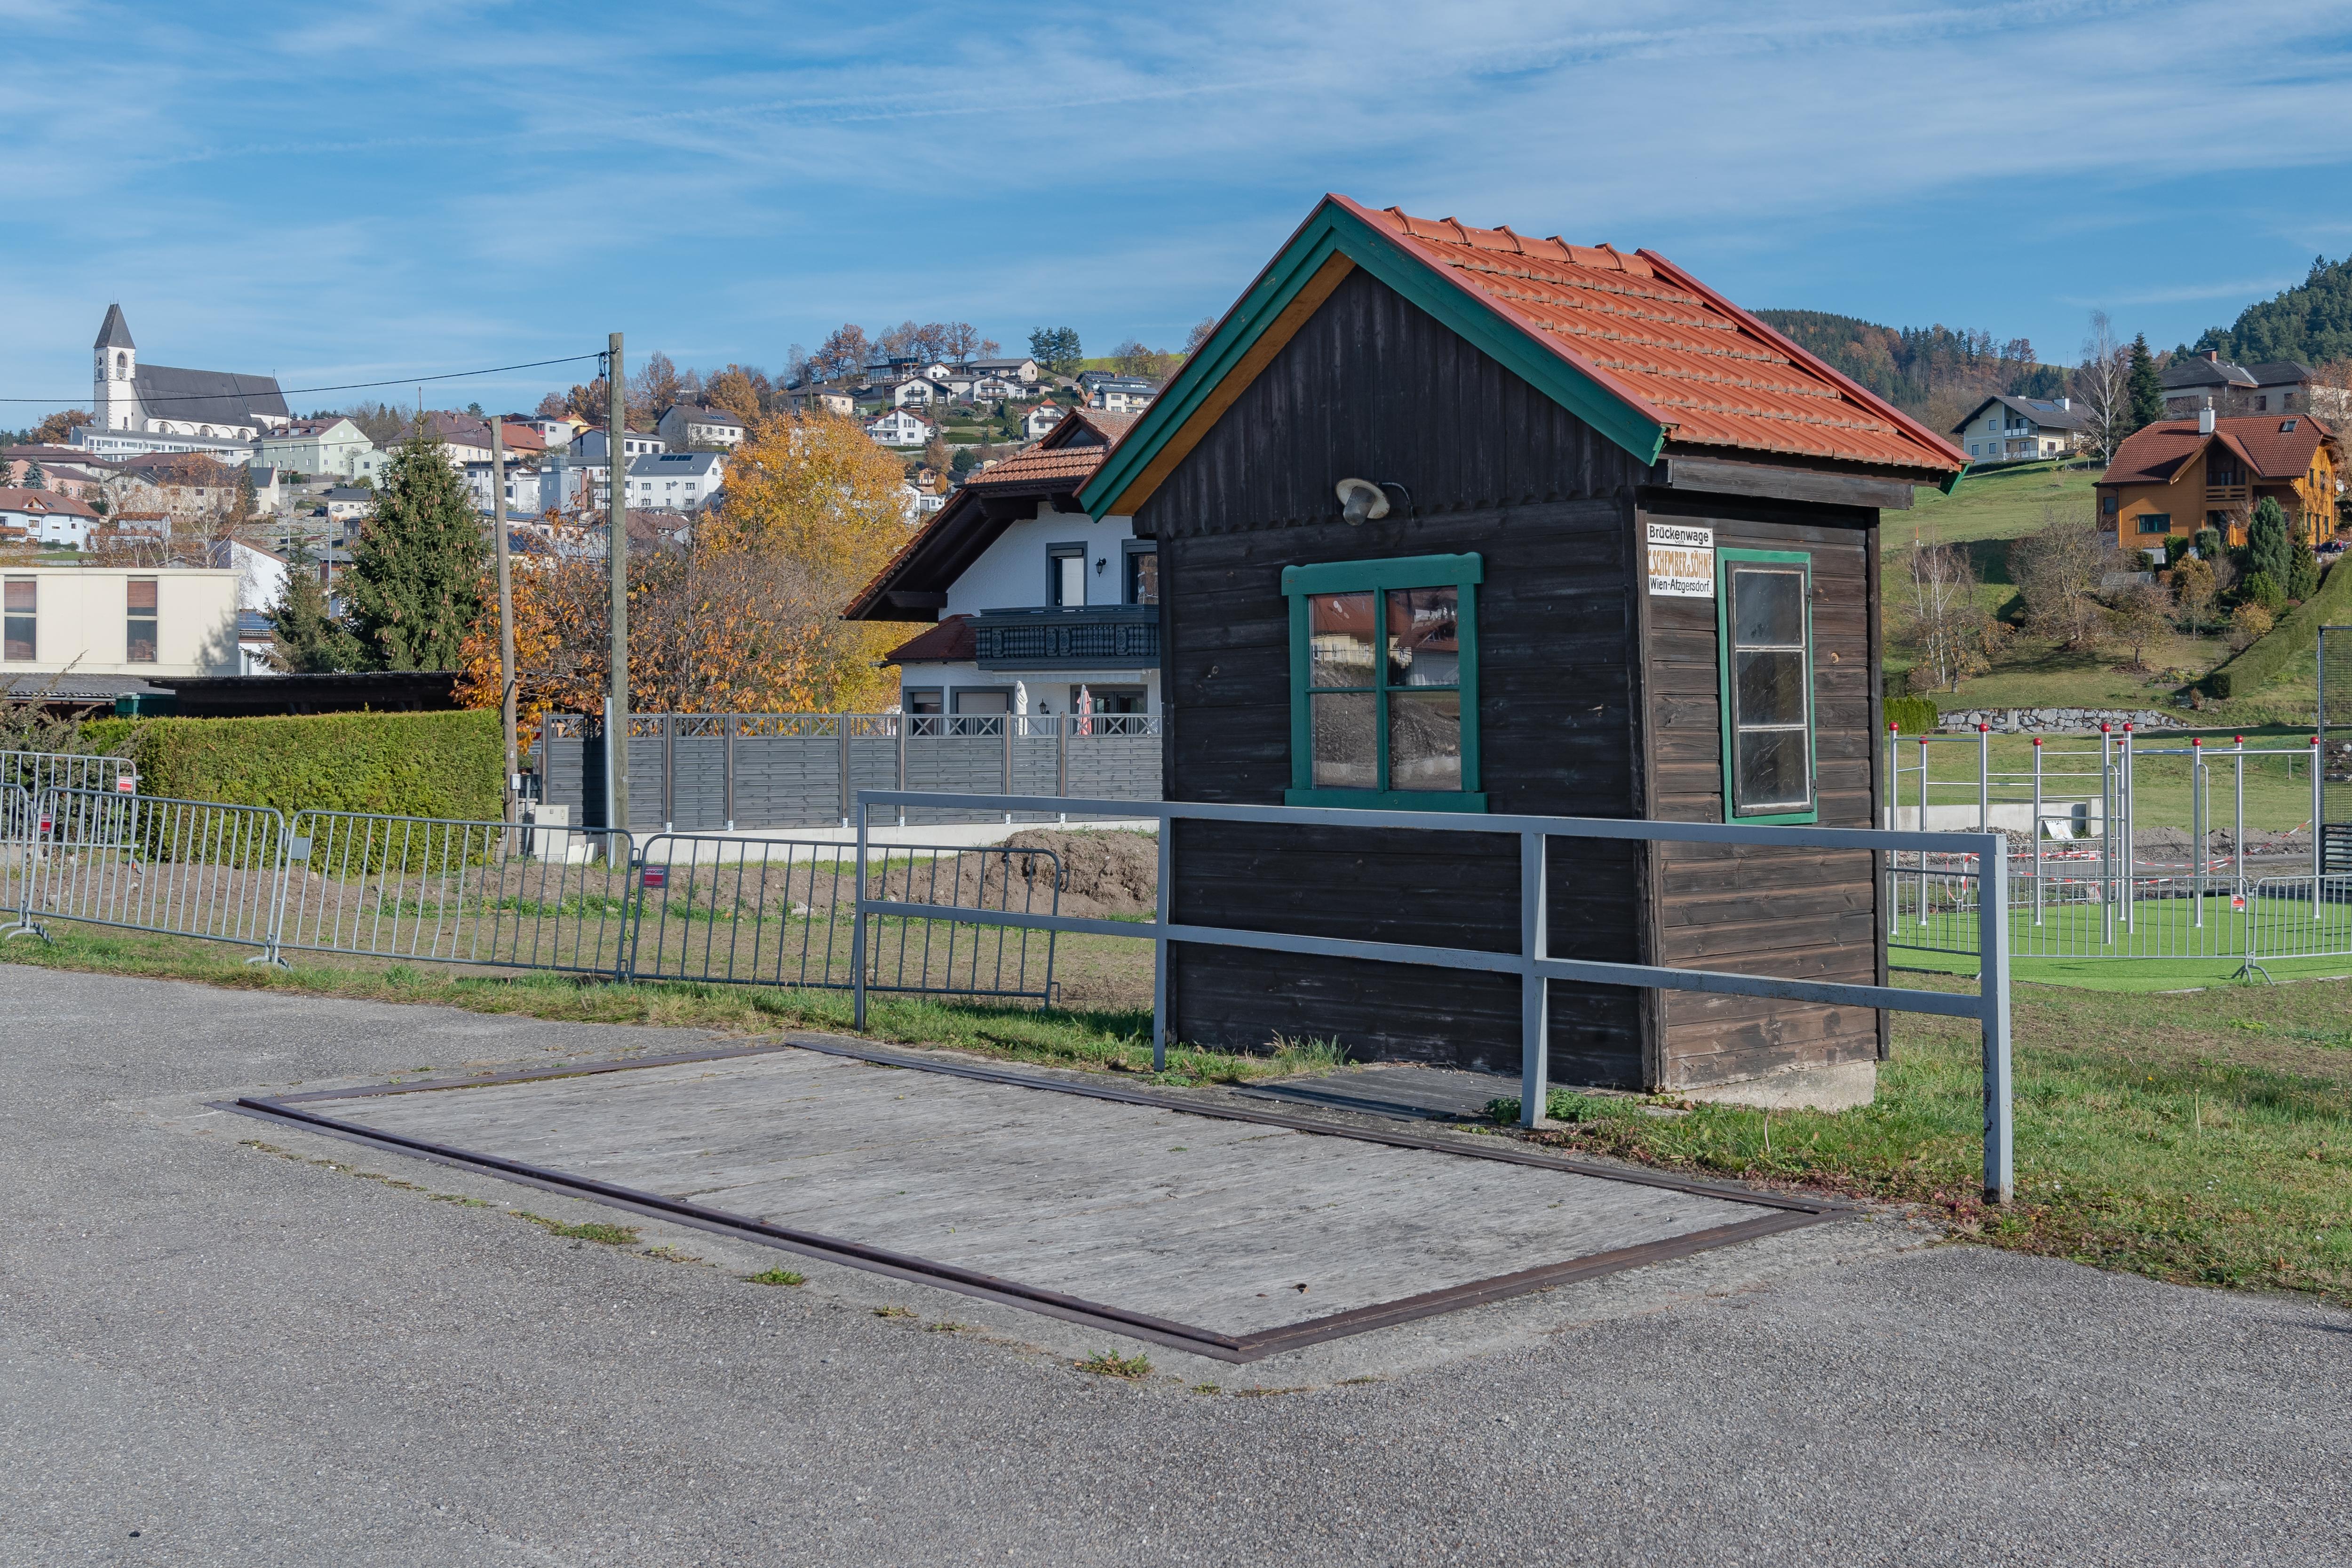 File:Kefermarkt Bahnhof Brückenwaage Schember-4841.jpg